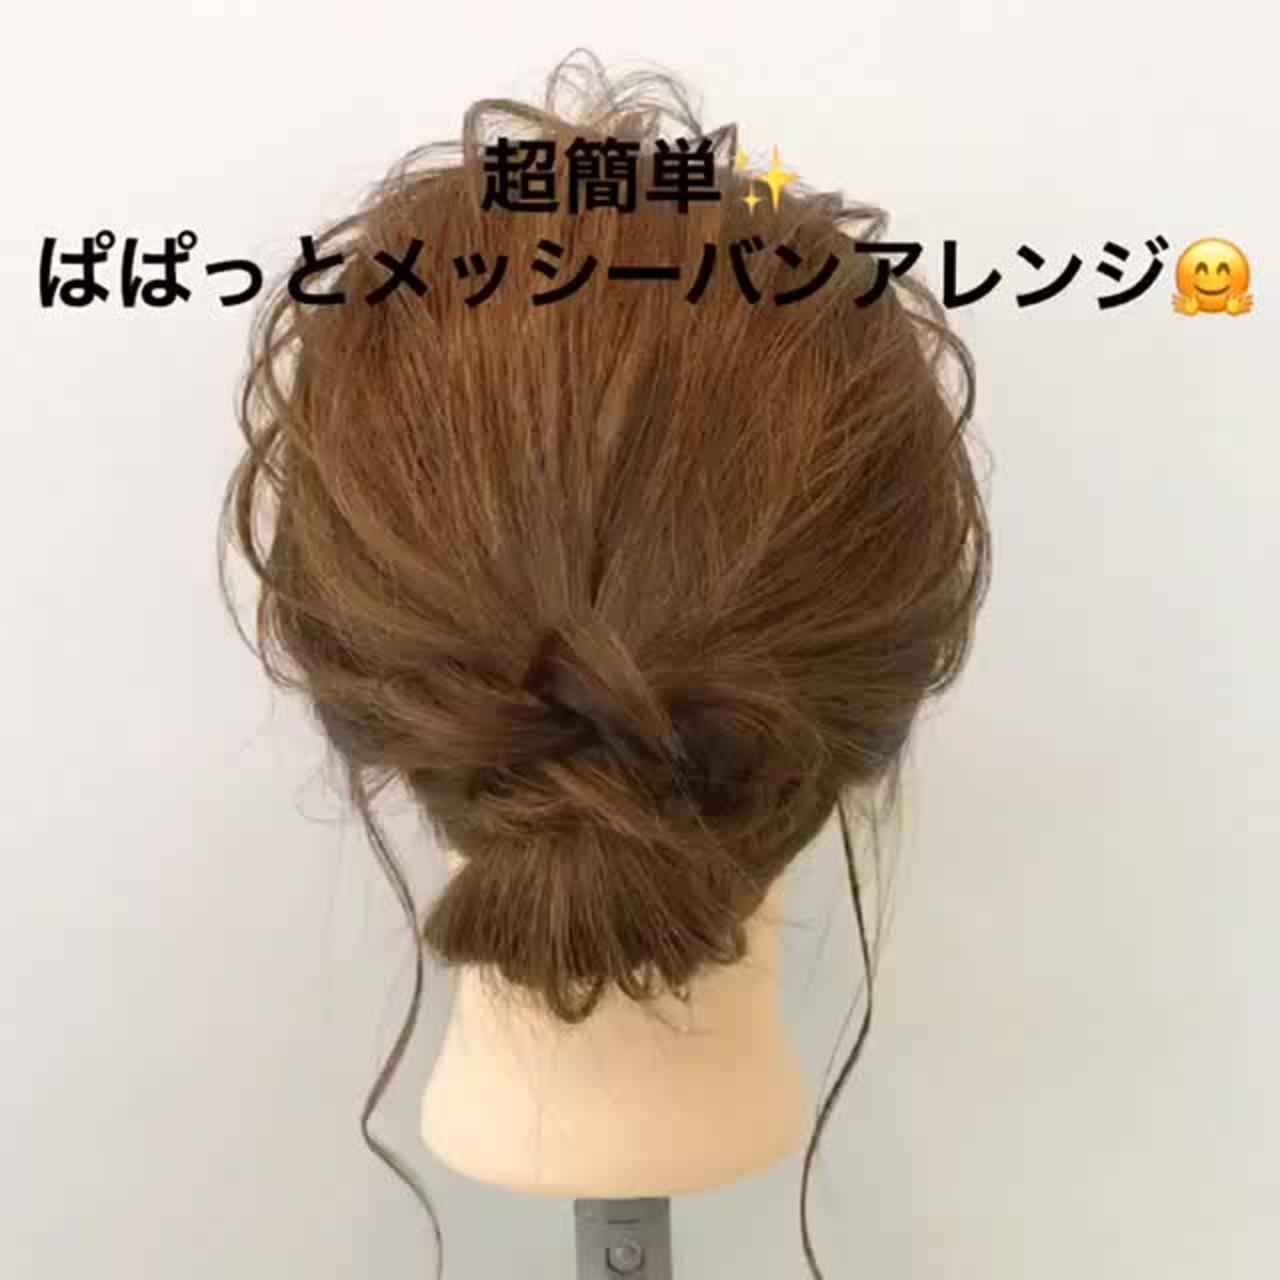 超簡単!ぱぱっとメッシーバンアレンジ動画です(^^)